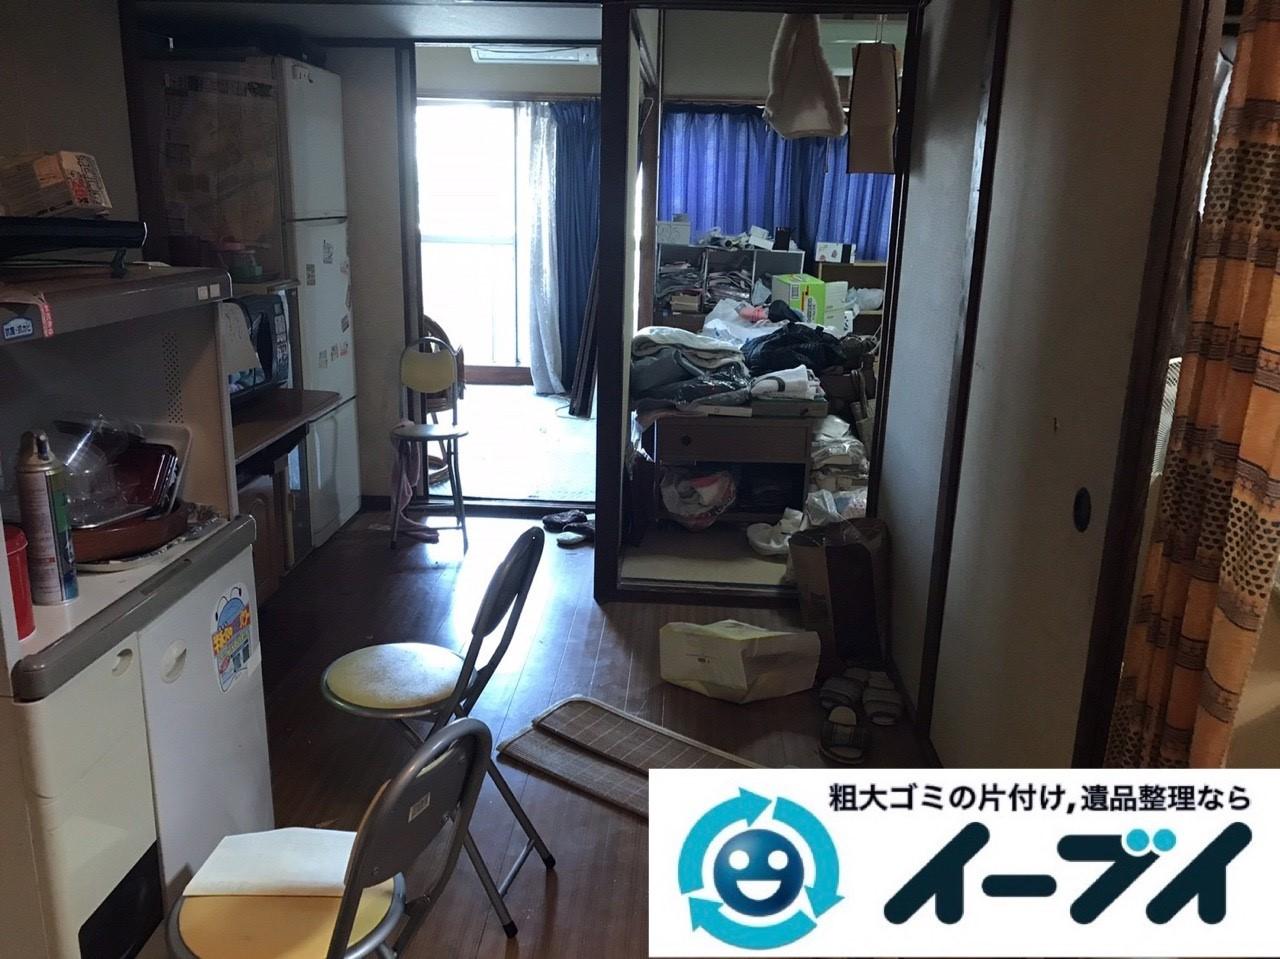 2019年1月24日大阪府大阪市東住吉区でテレビや箪笥などの不用品回収をさせていただきました。写真3